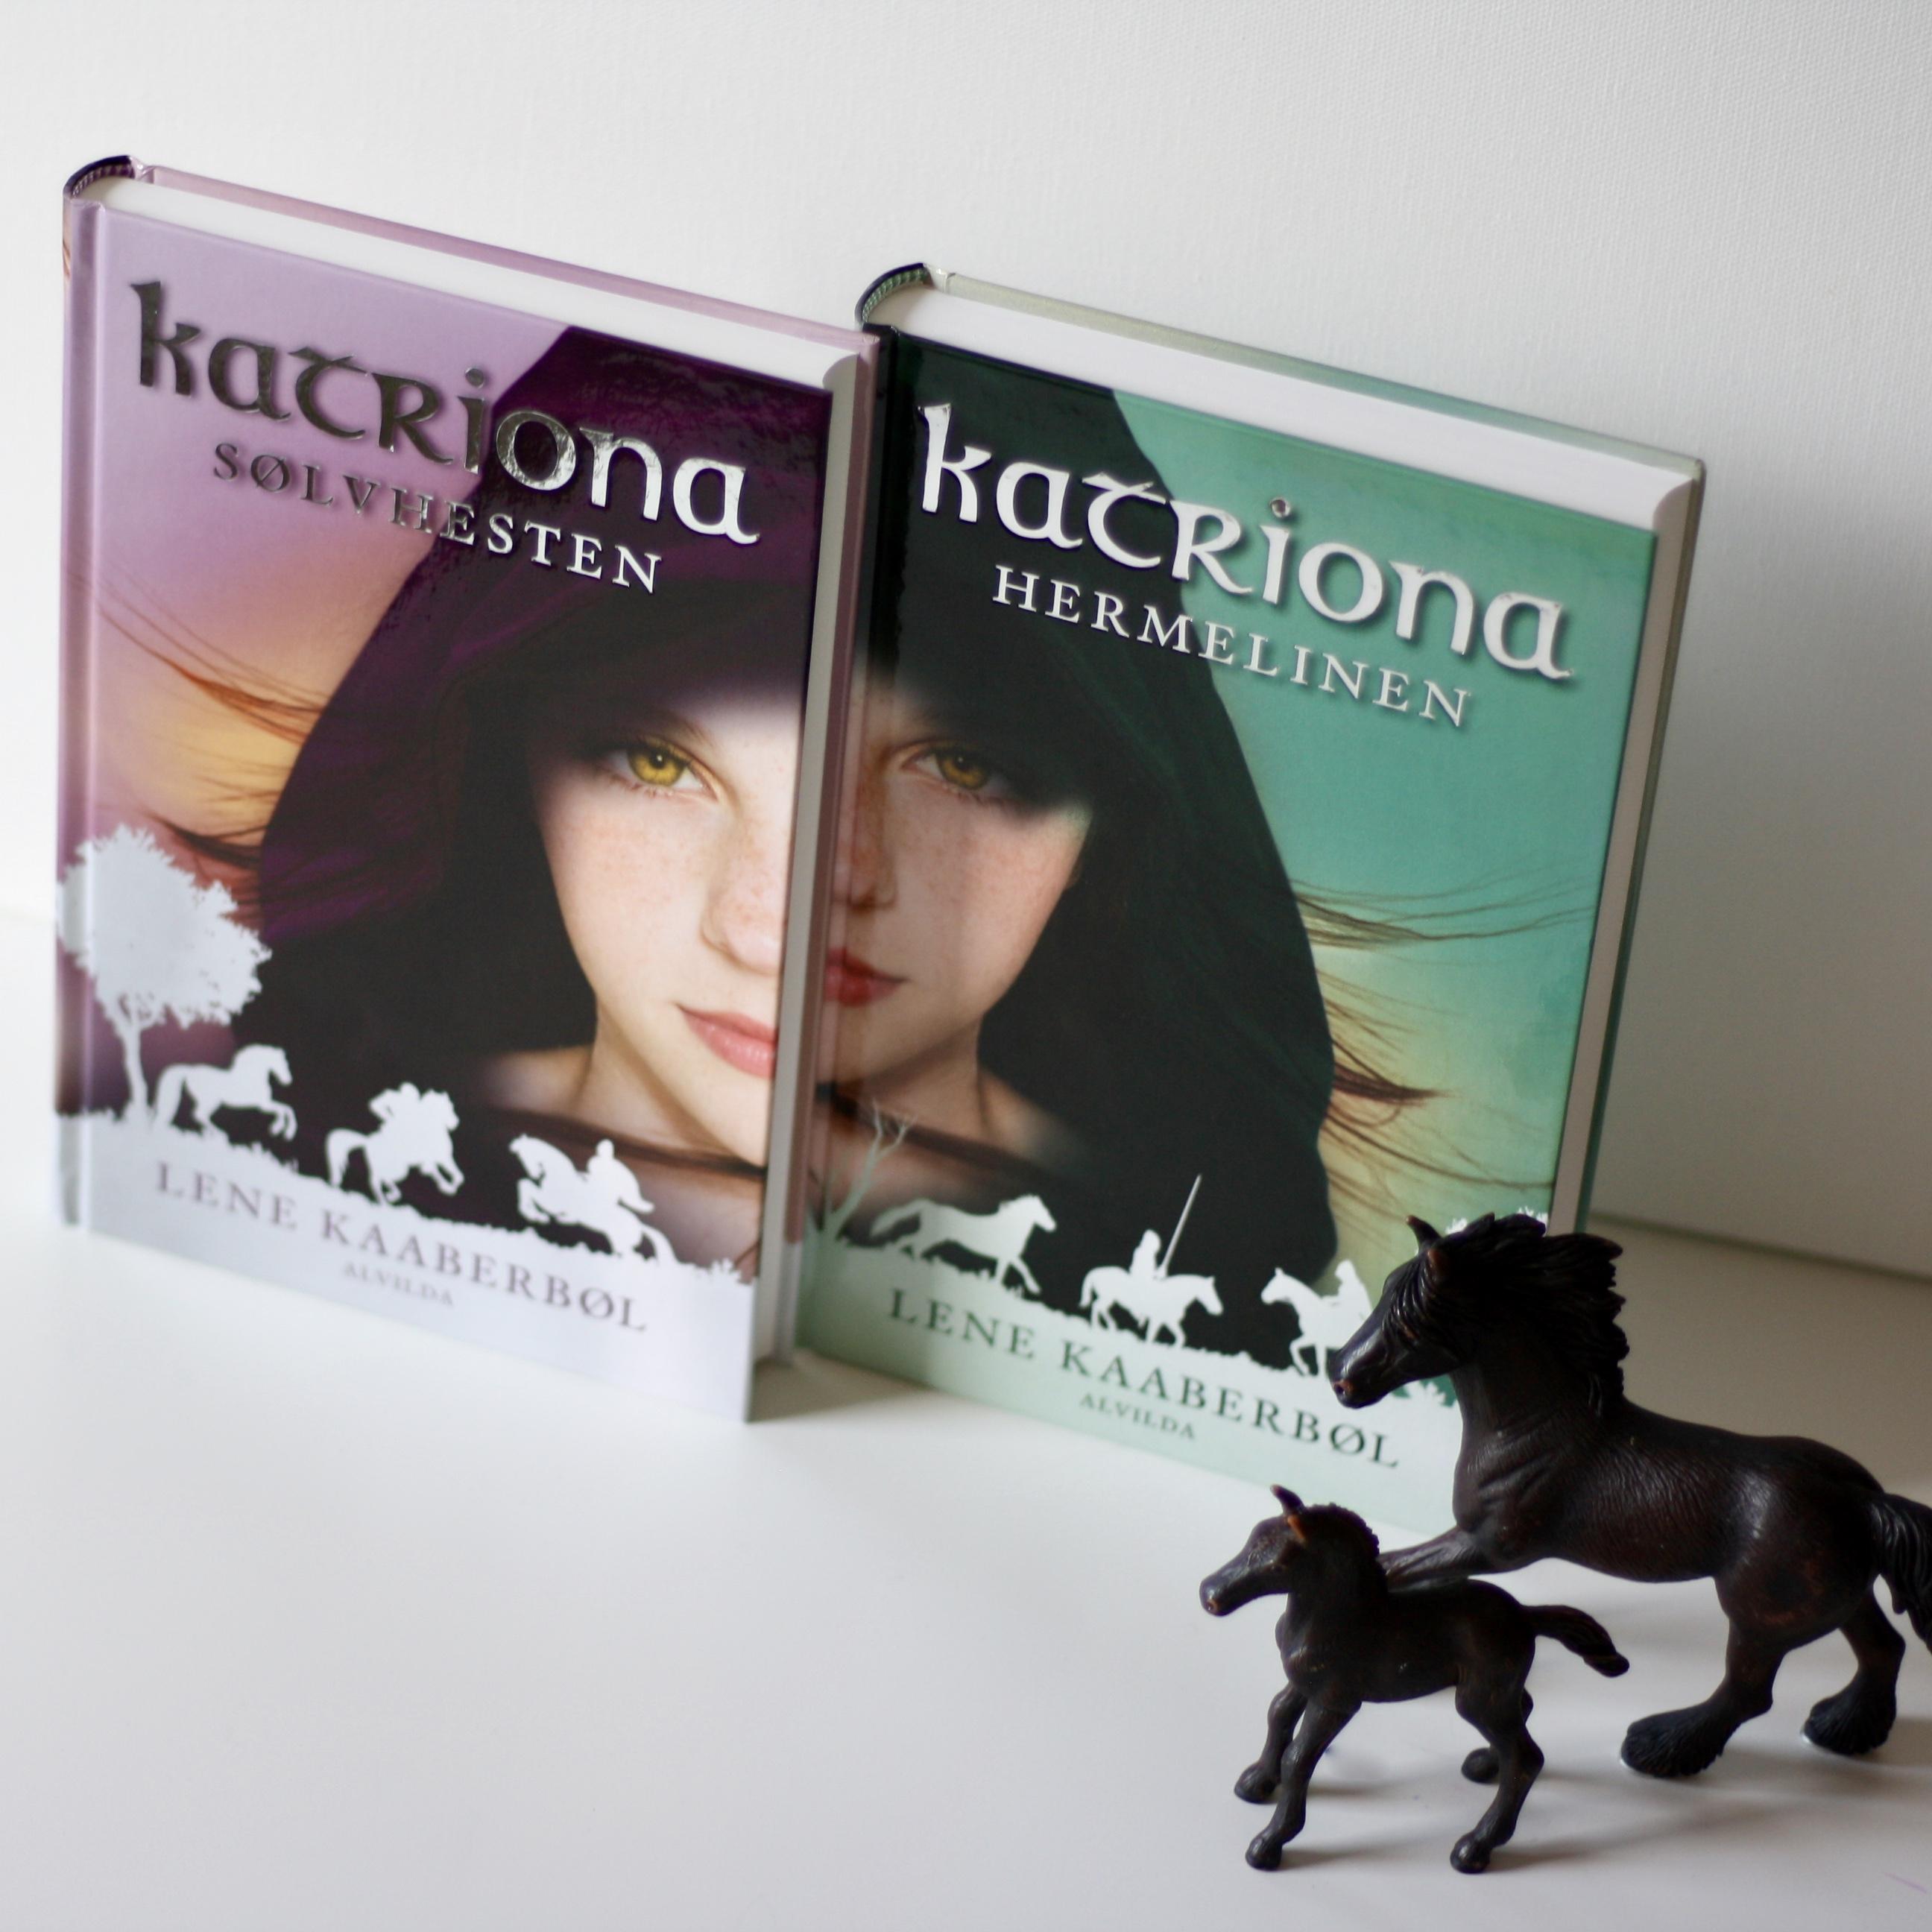 Lene Kaaberbøl, Katriona, Hermelinen, Sølvhesten, bogoplevelsen,